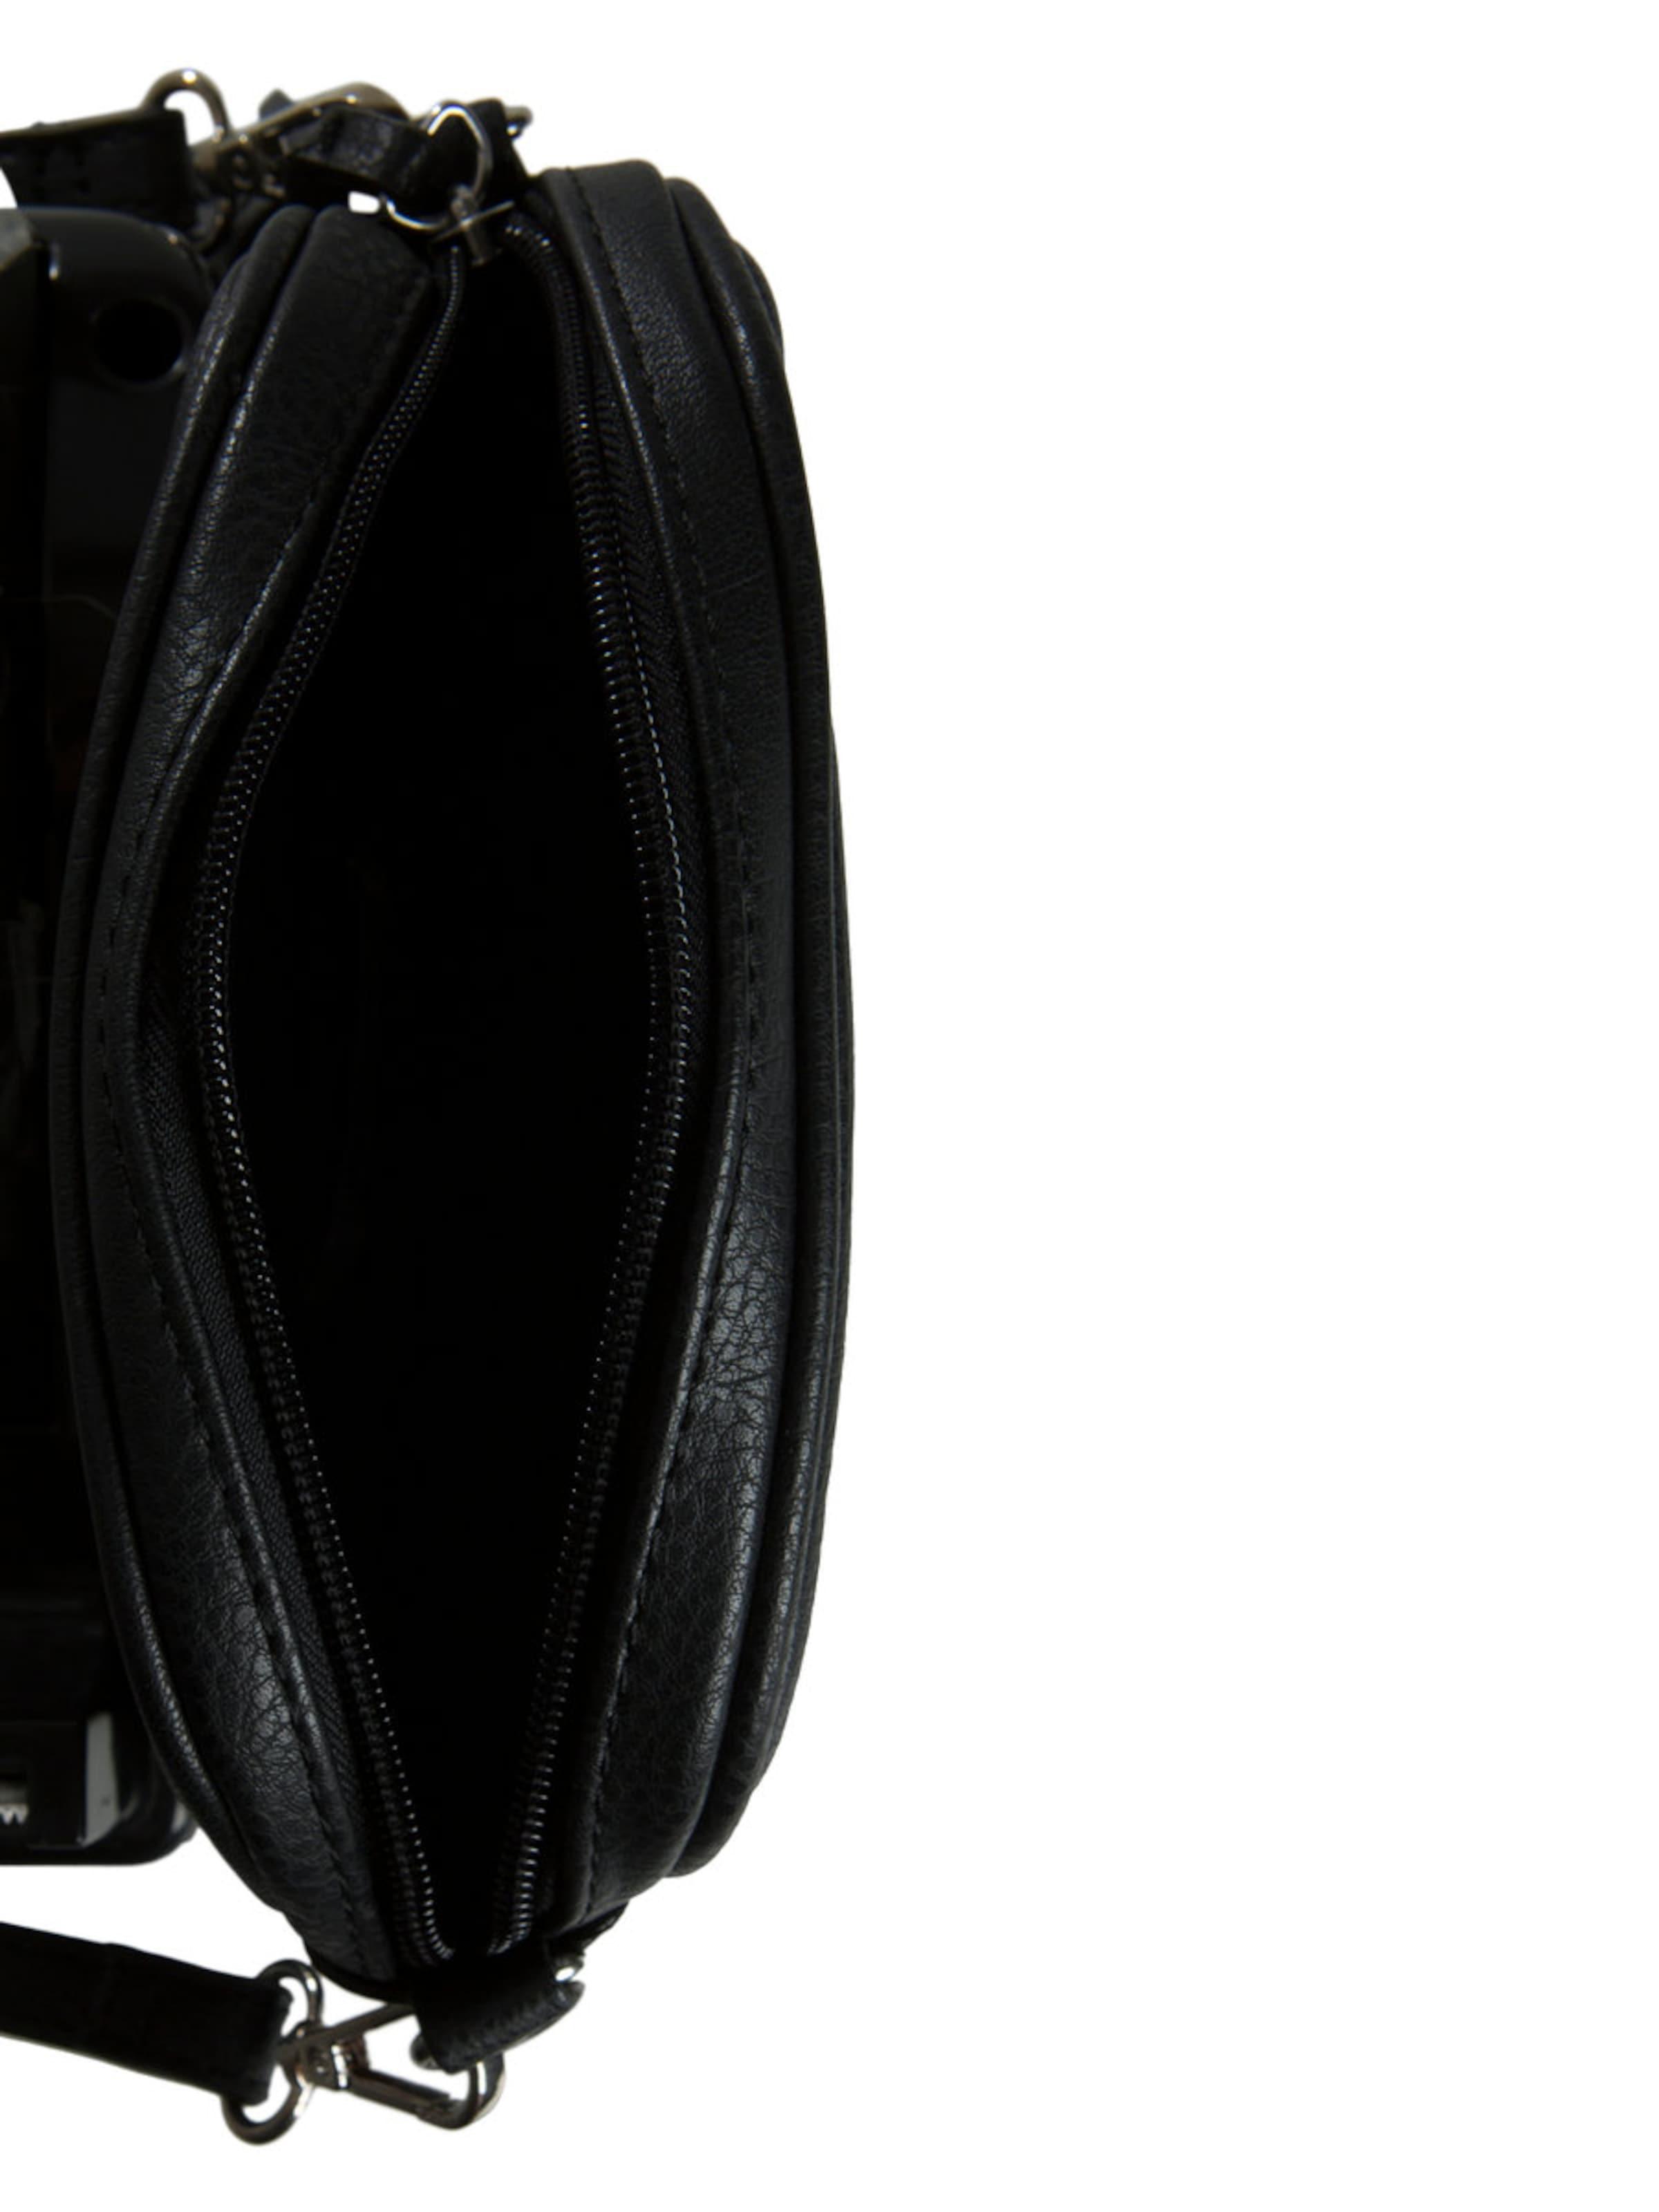 Günstig Kaufen Nicekicks PIECES Umhängetasche 'Jassen' 2018 Unisex Online Freies Verschiffen Ebay Auslass Verkauf Hochwertige Billig BXwkNoB